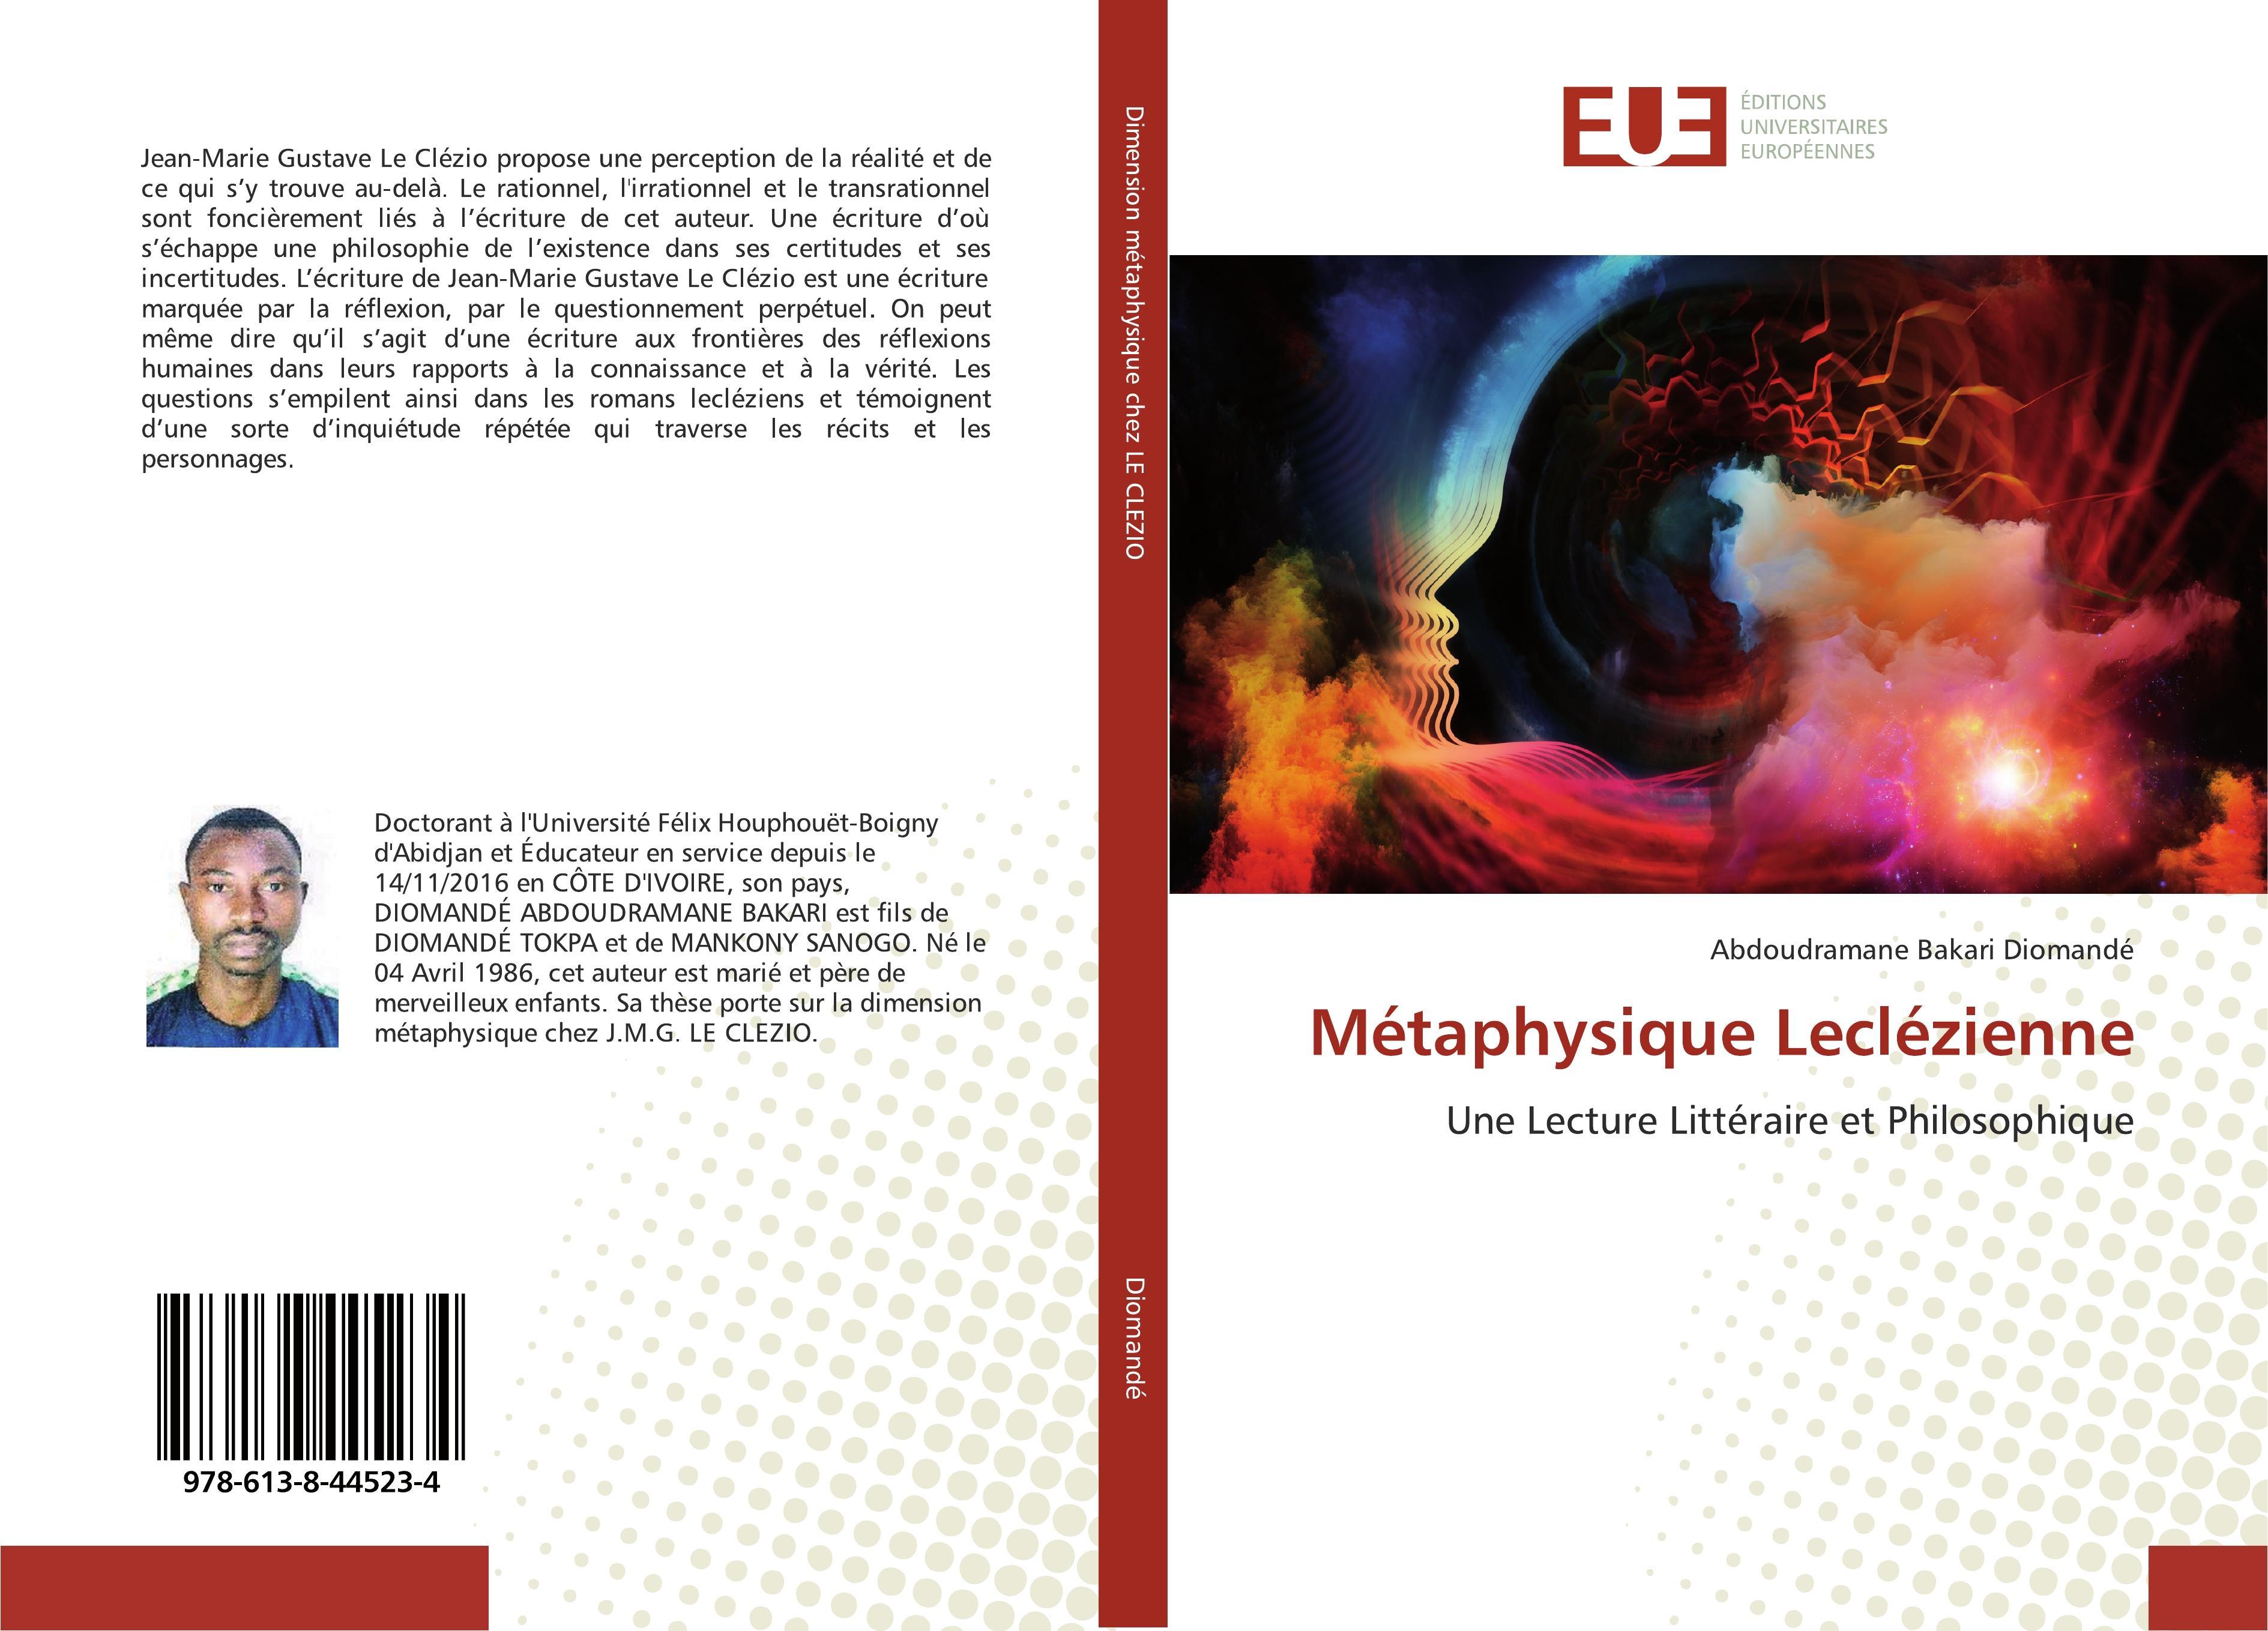 Métaphysique Leclézienne  Une Lecture Littéraire et Philosophique  Abdoudramane Bakari Diomandé  Taschenbuch  Paperback  Französisch  2019 - Diomandé, Abdoudramane Bakari